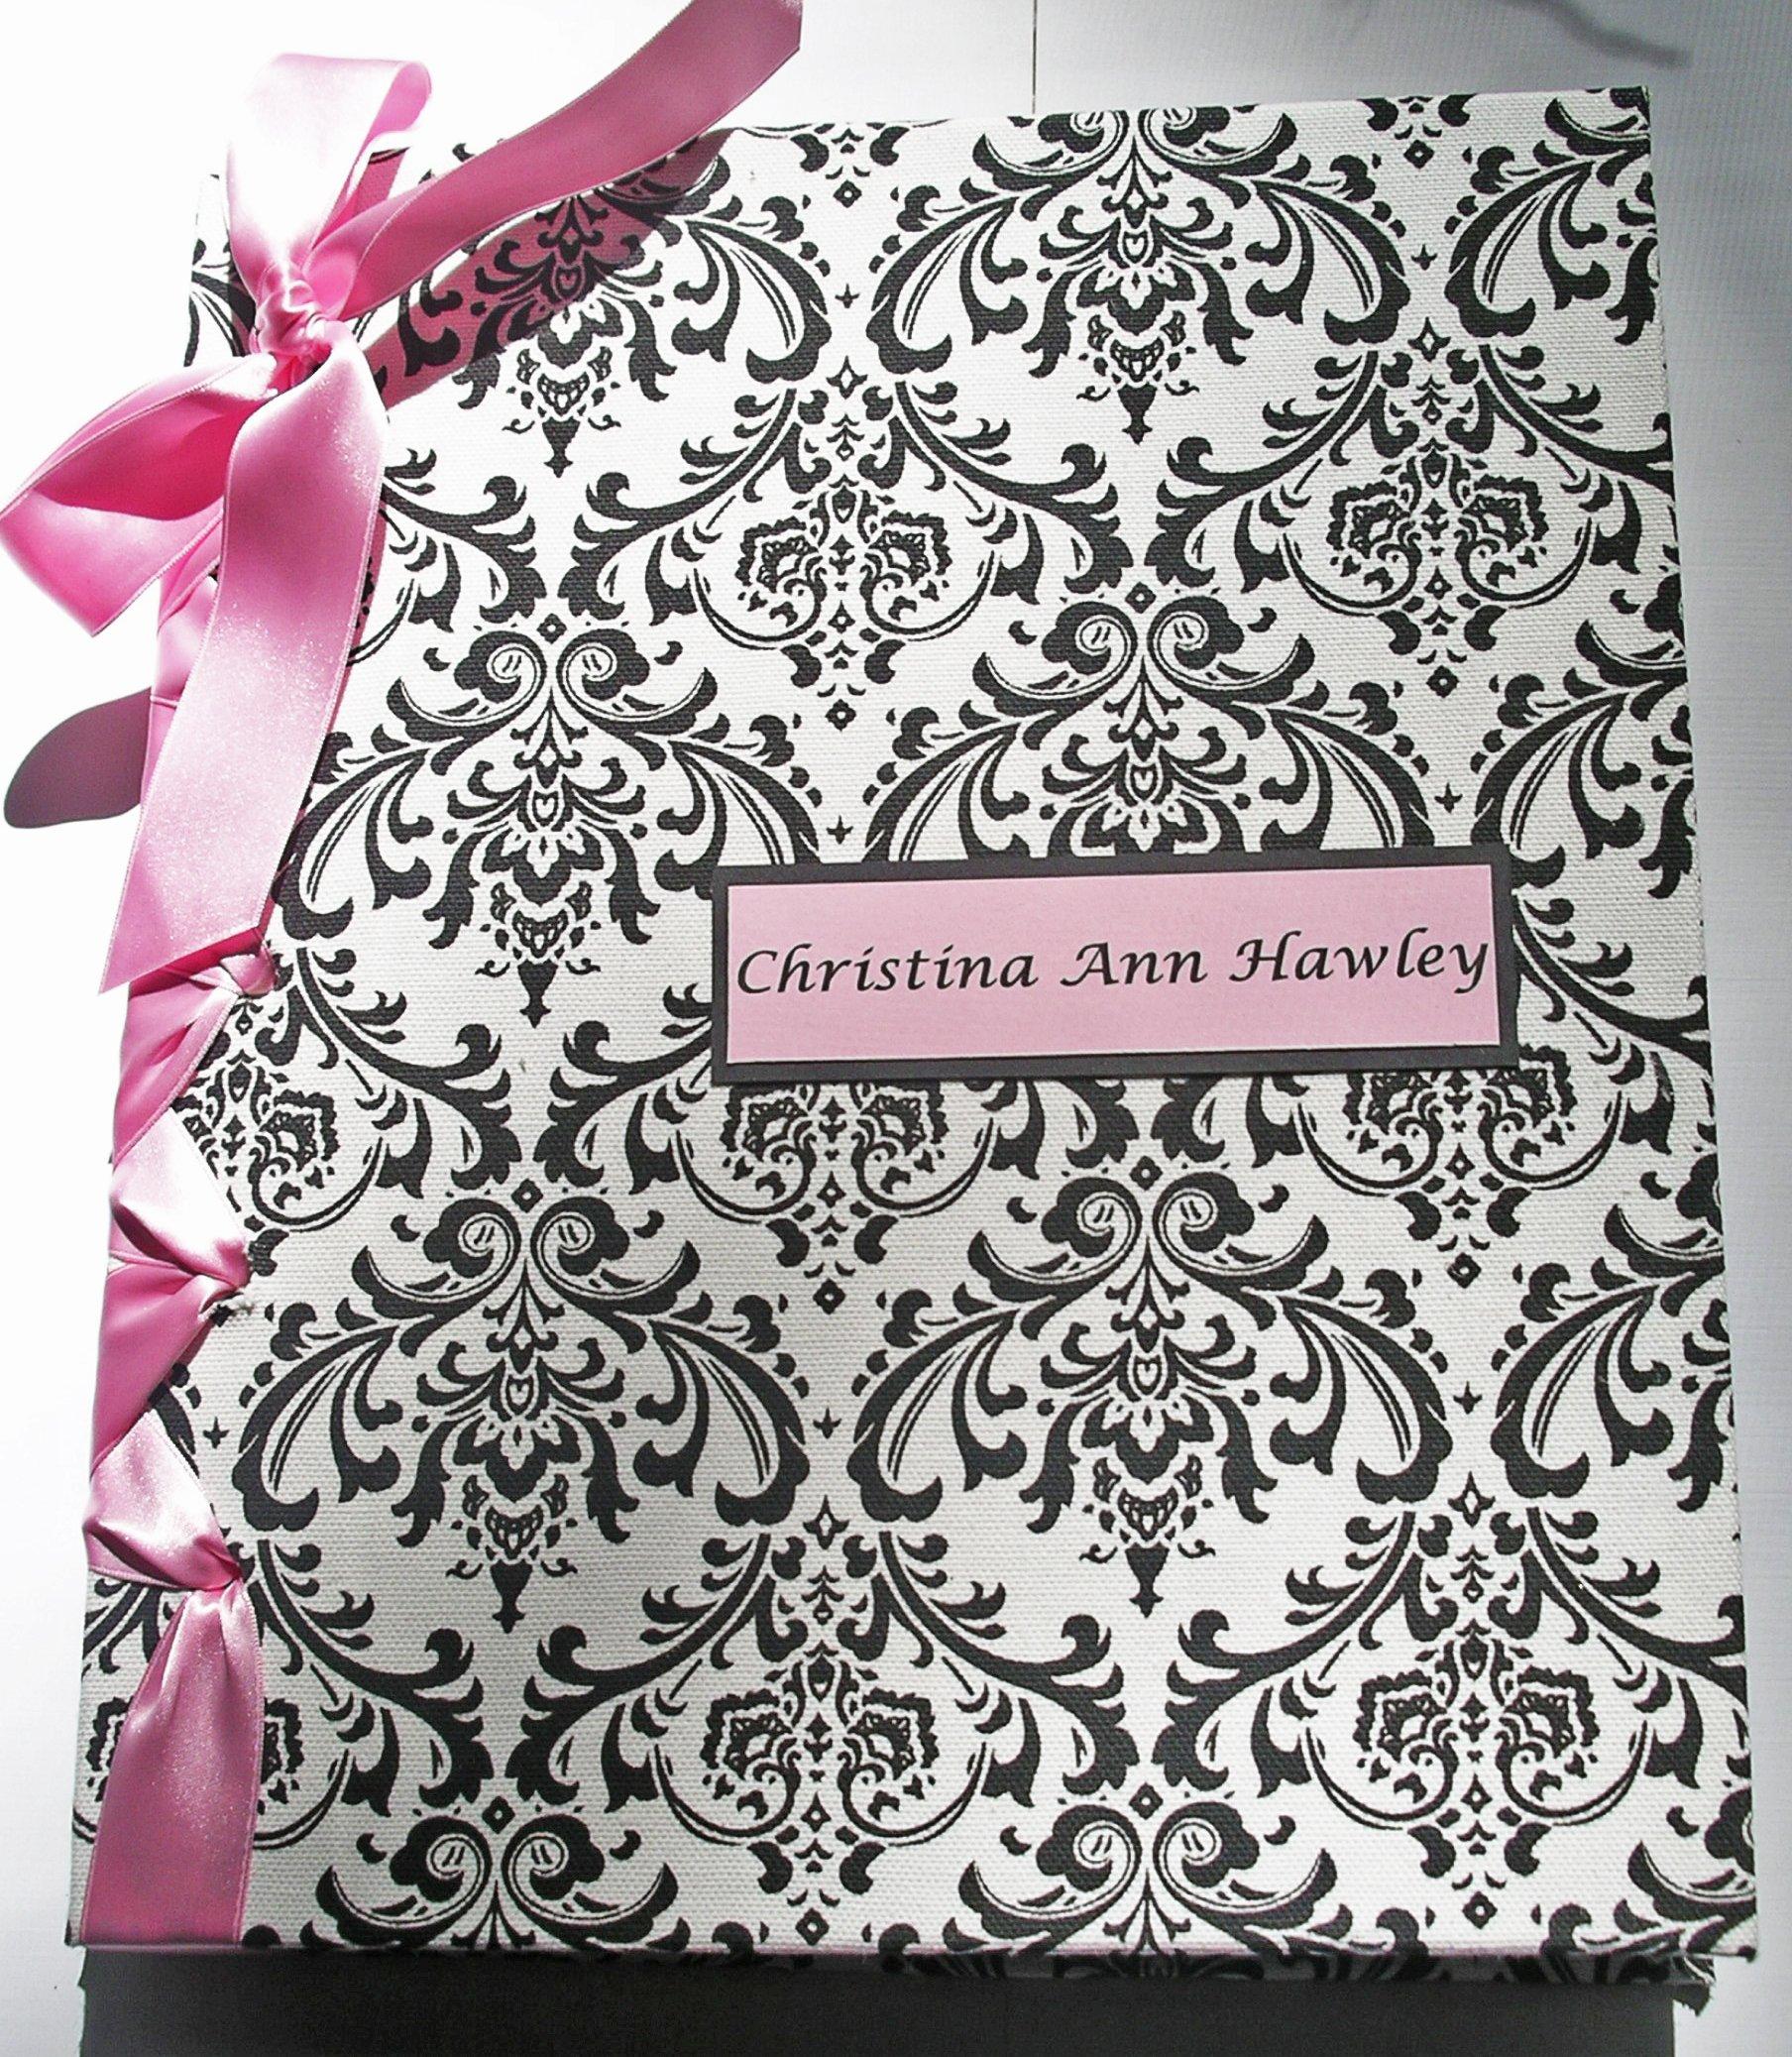 Baby Shower Album - Newborn Baby Photo Album - Children's Book - Pink, Black & White